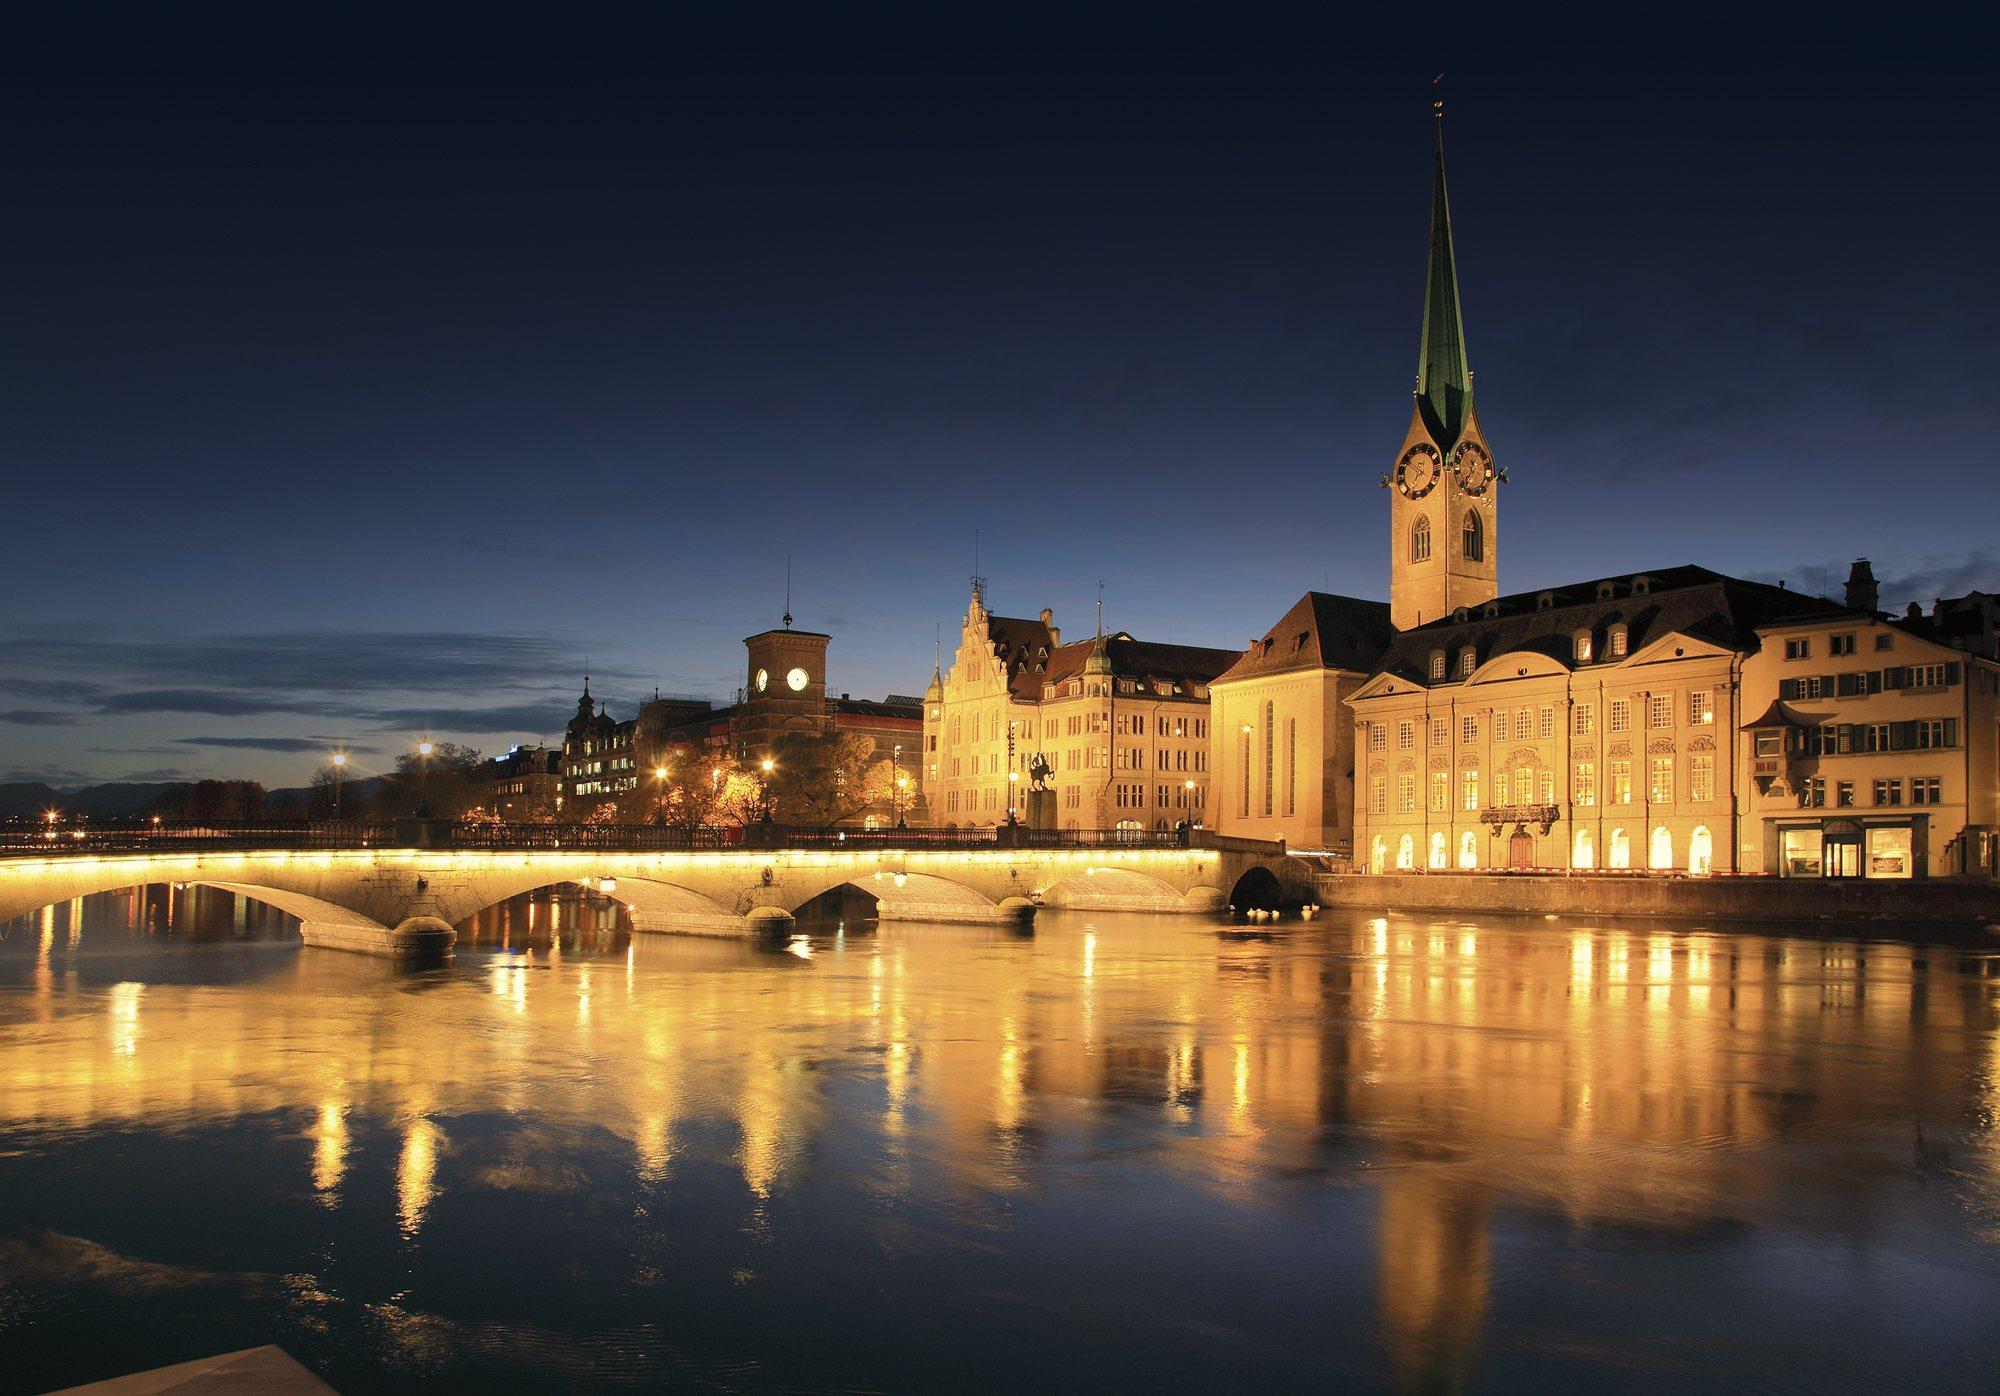 Zúrich, ciudad dependiente del Imperio